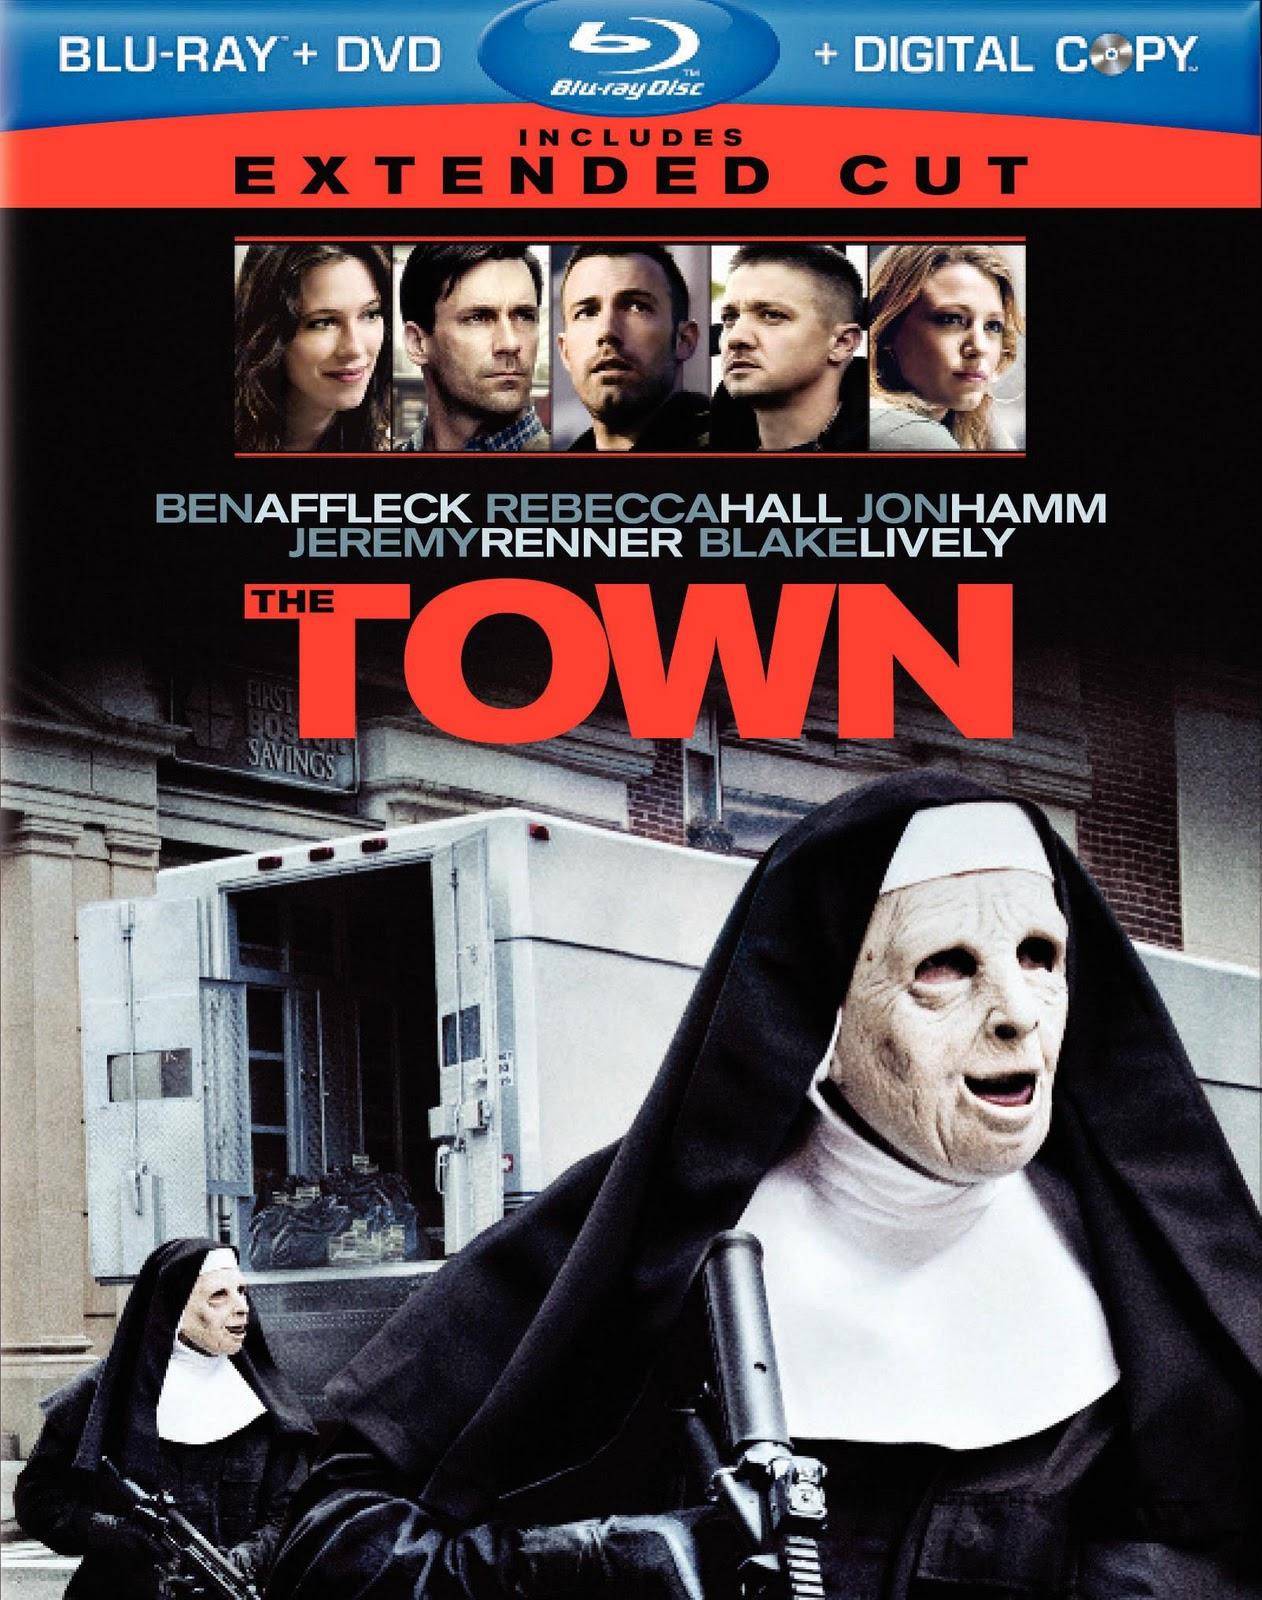 http://3.bp.blogspot.com/_E5qsKlah67o/TPvBalJNU6I/AAAAAAAAAus/JuNk8F4sAK8/s1600/TheTown.jpg